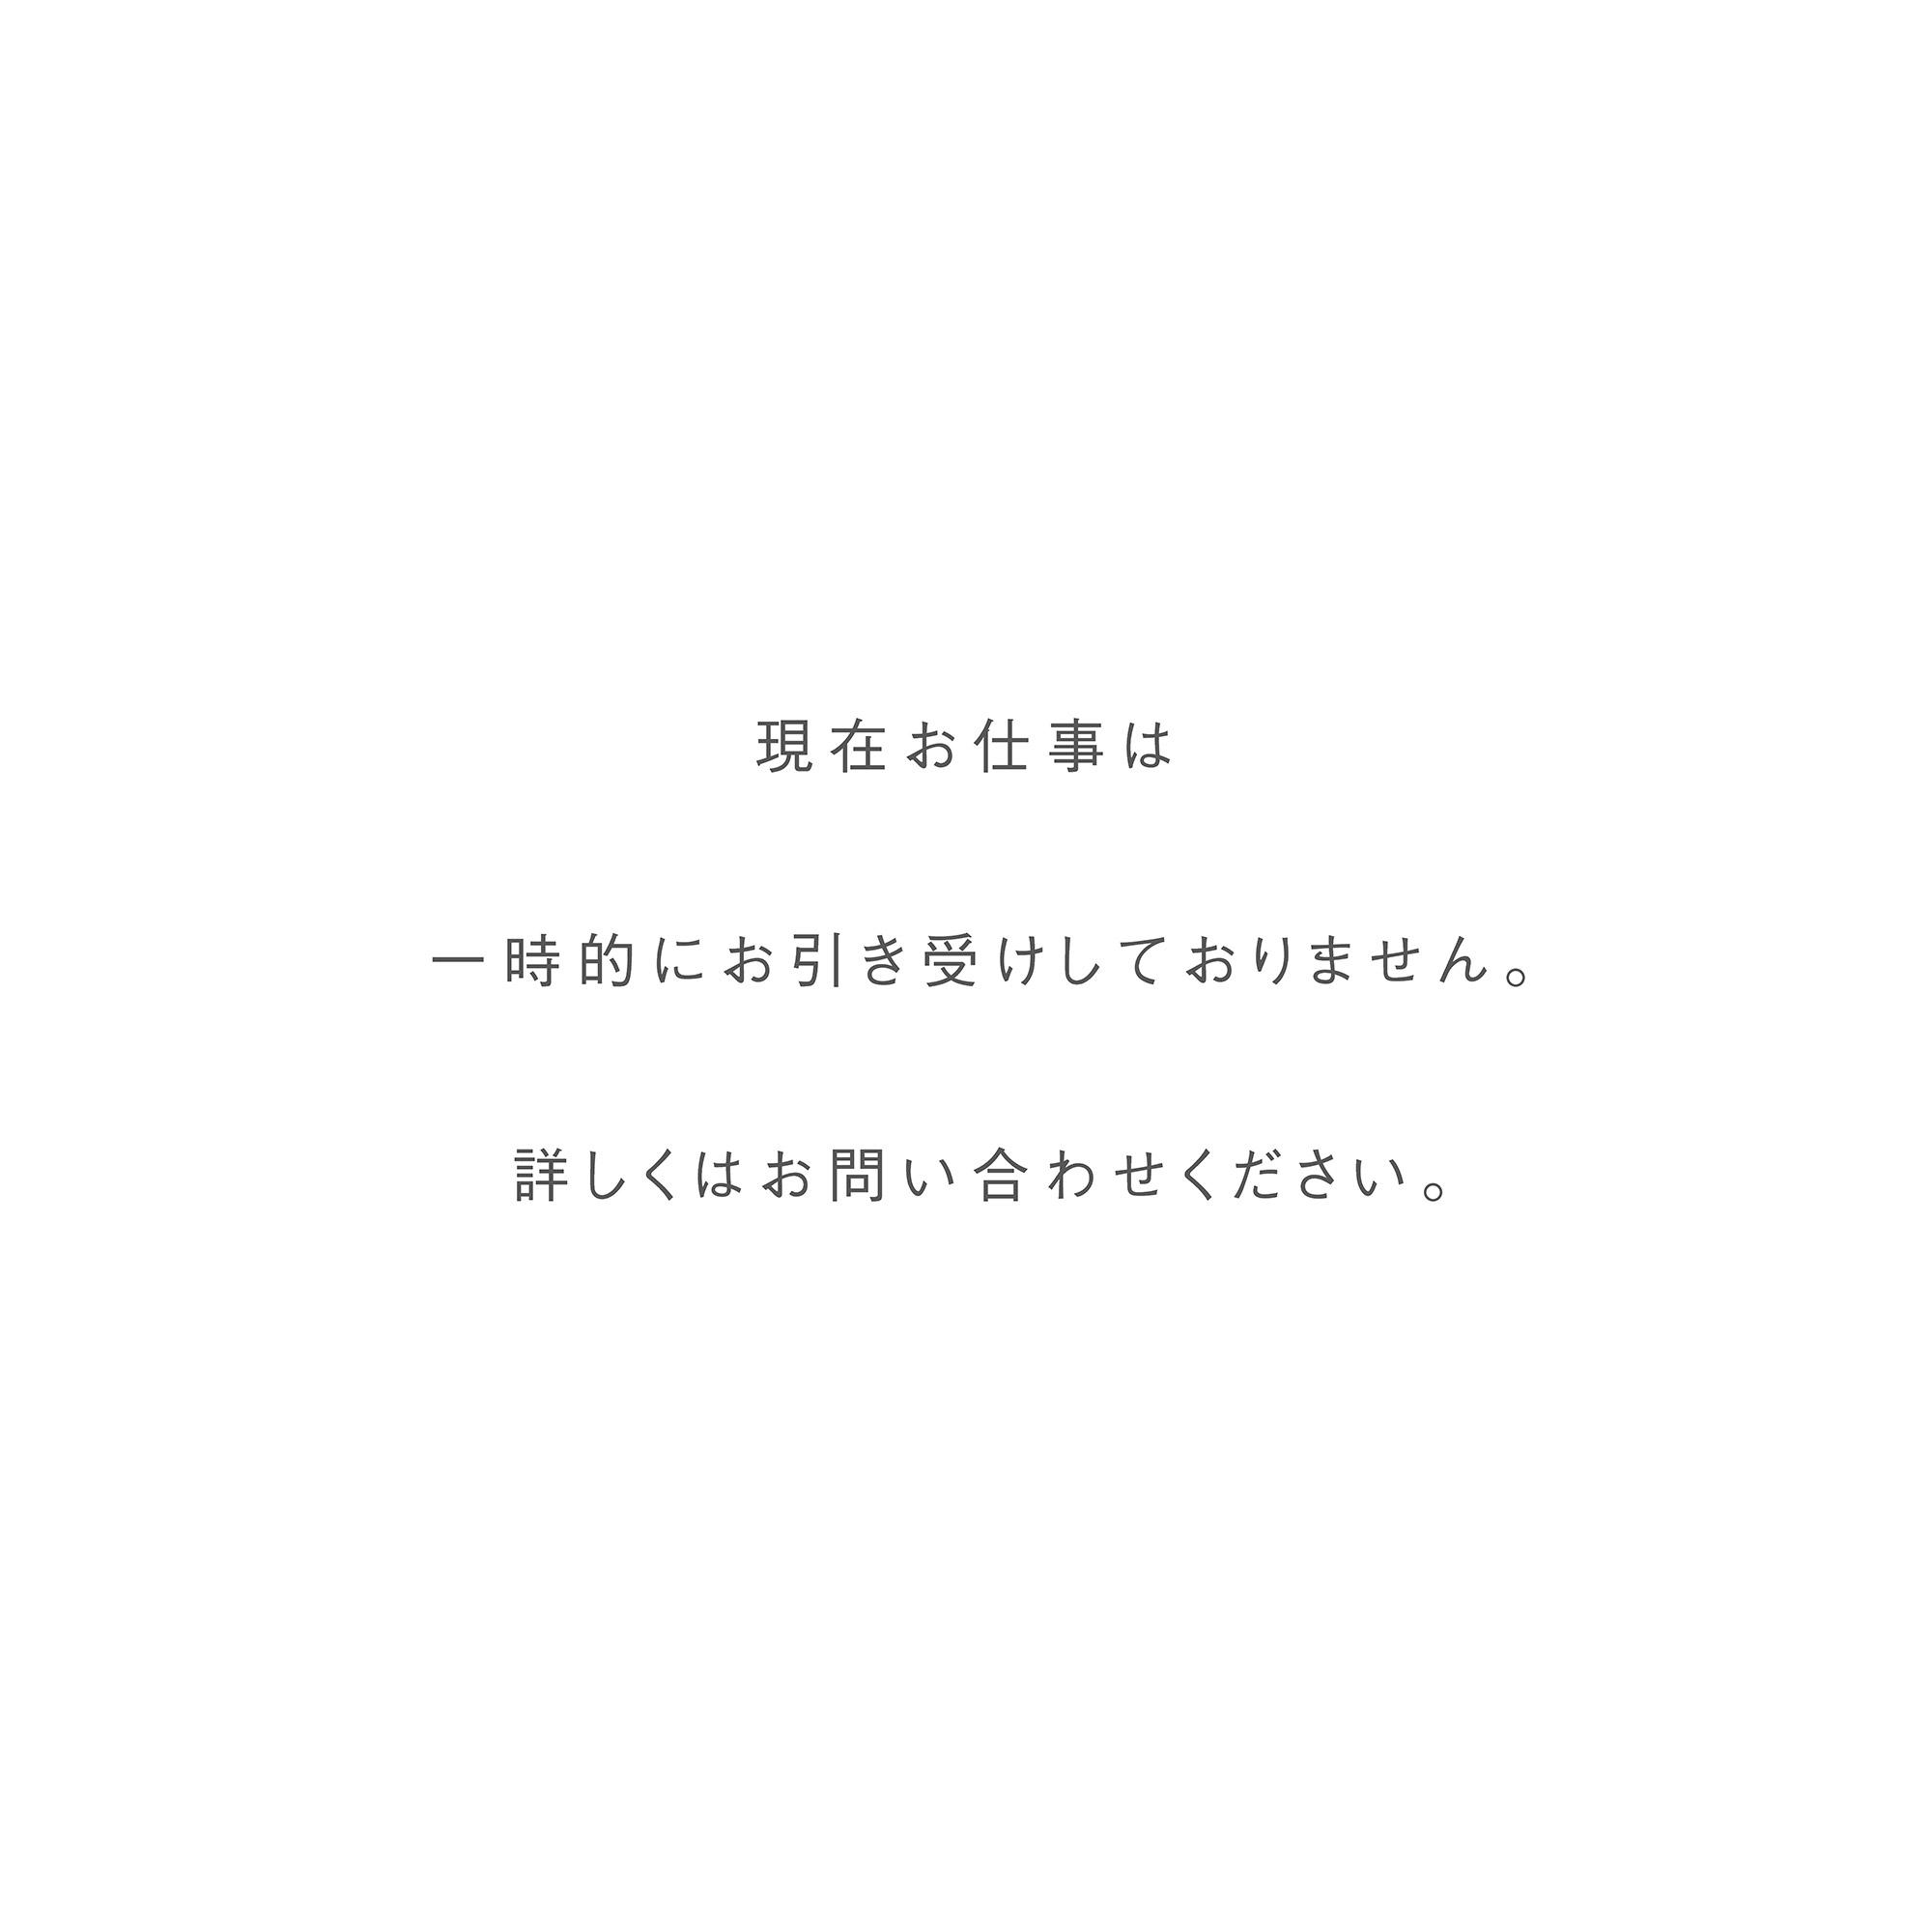 久保さんお休みのお知らせ